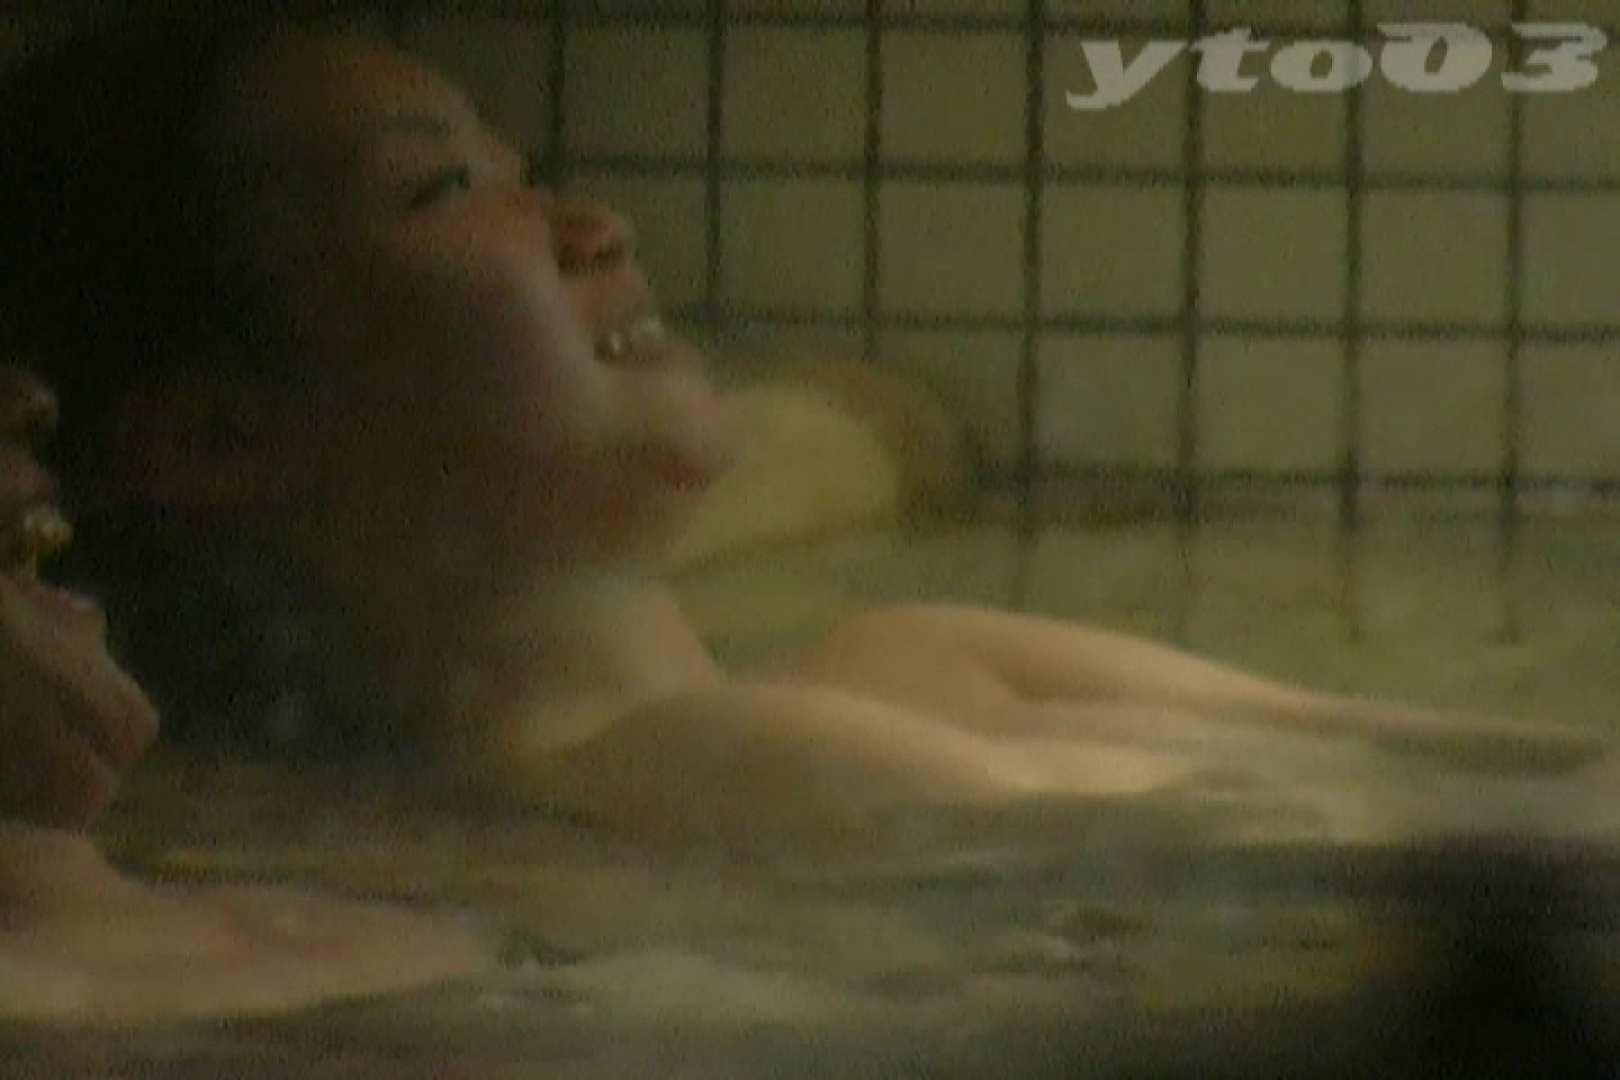 【期間限定配信】合宿ホテル女風呂盗撮 Vol.16 盗撮で悶絶 セックス無修正動画無料 85画像 42